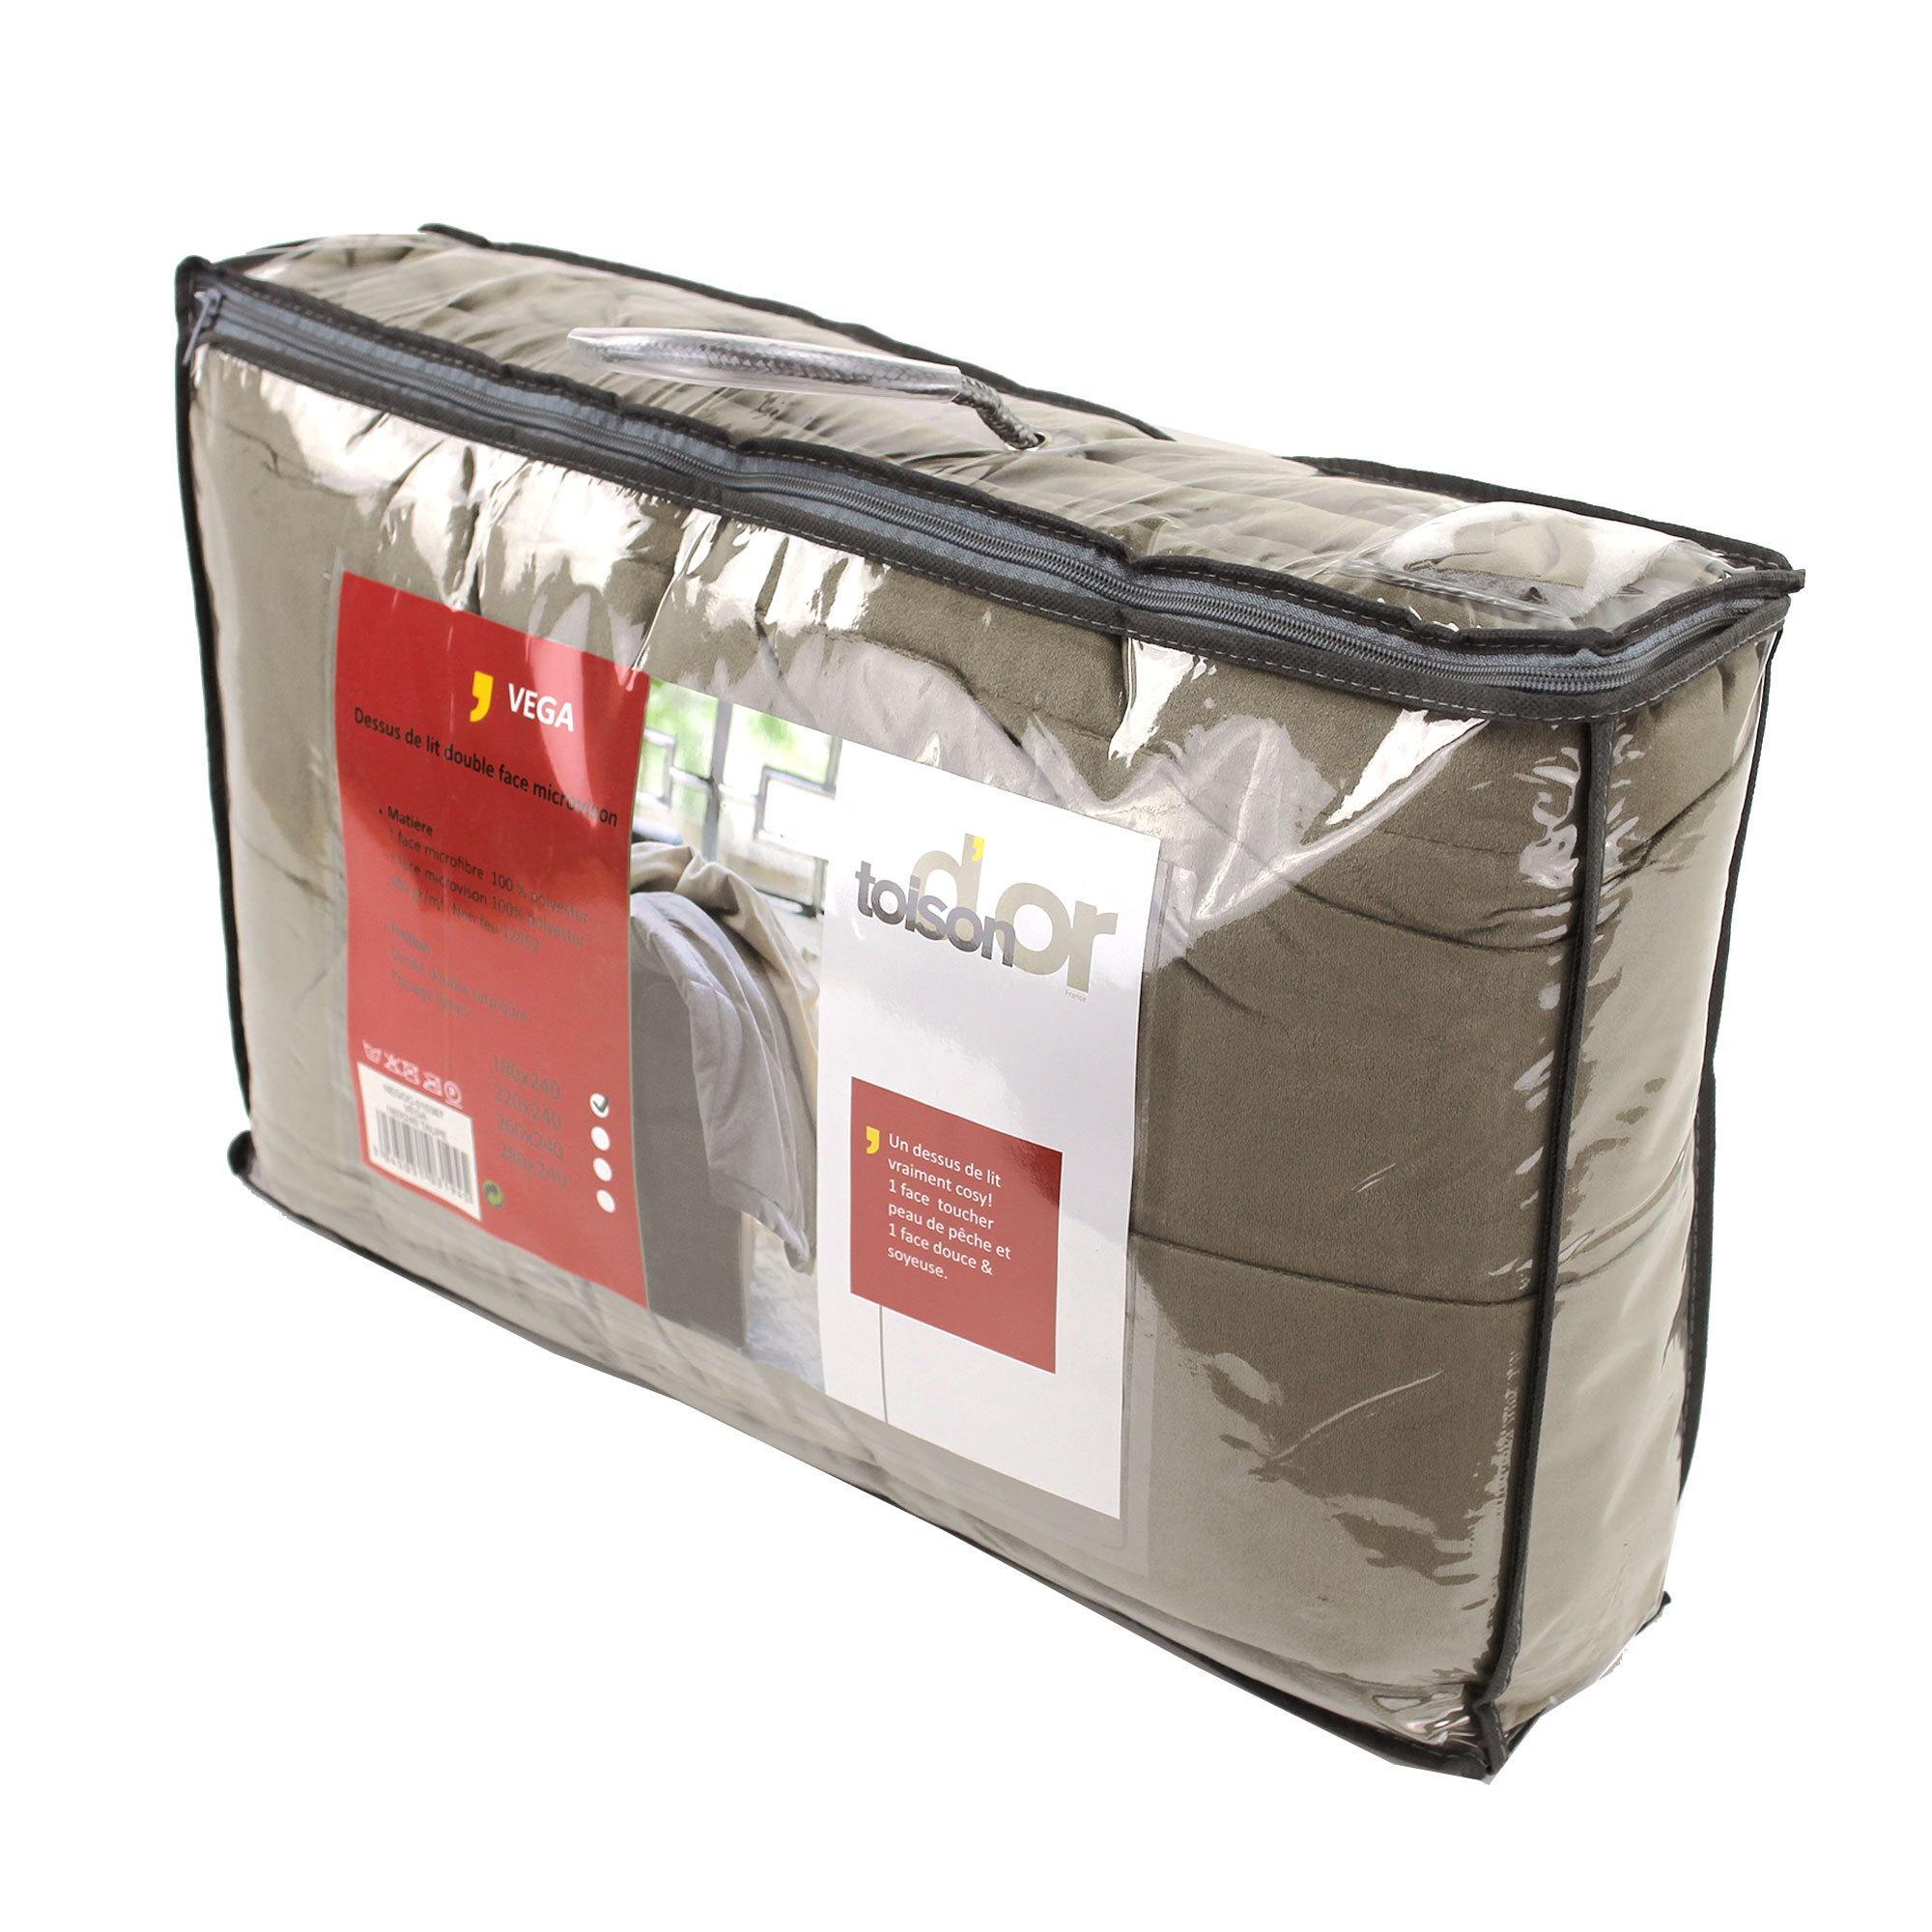 dessus de lit 220x240 cm polyester vega taupe linnea vente de linge de maison. Black Bedroom Furniture Sets. Home Design Ideas